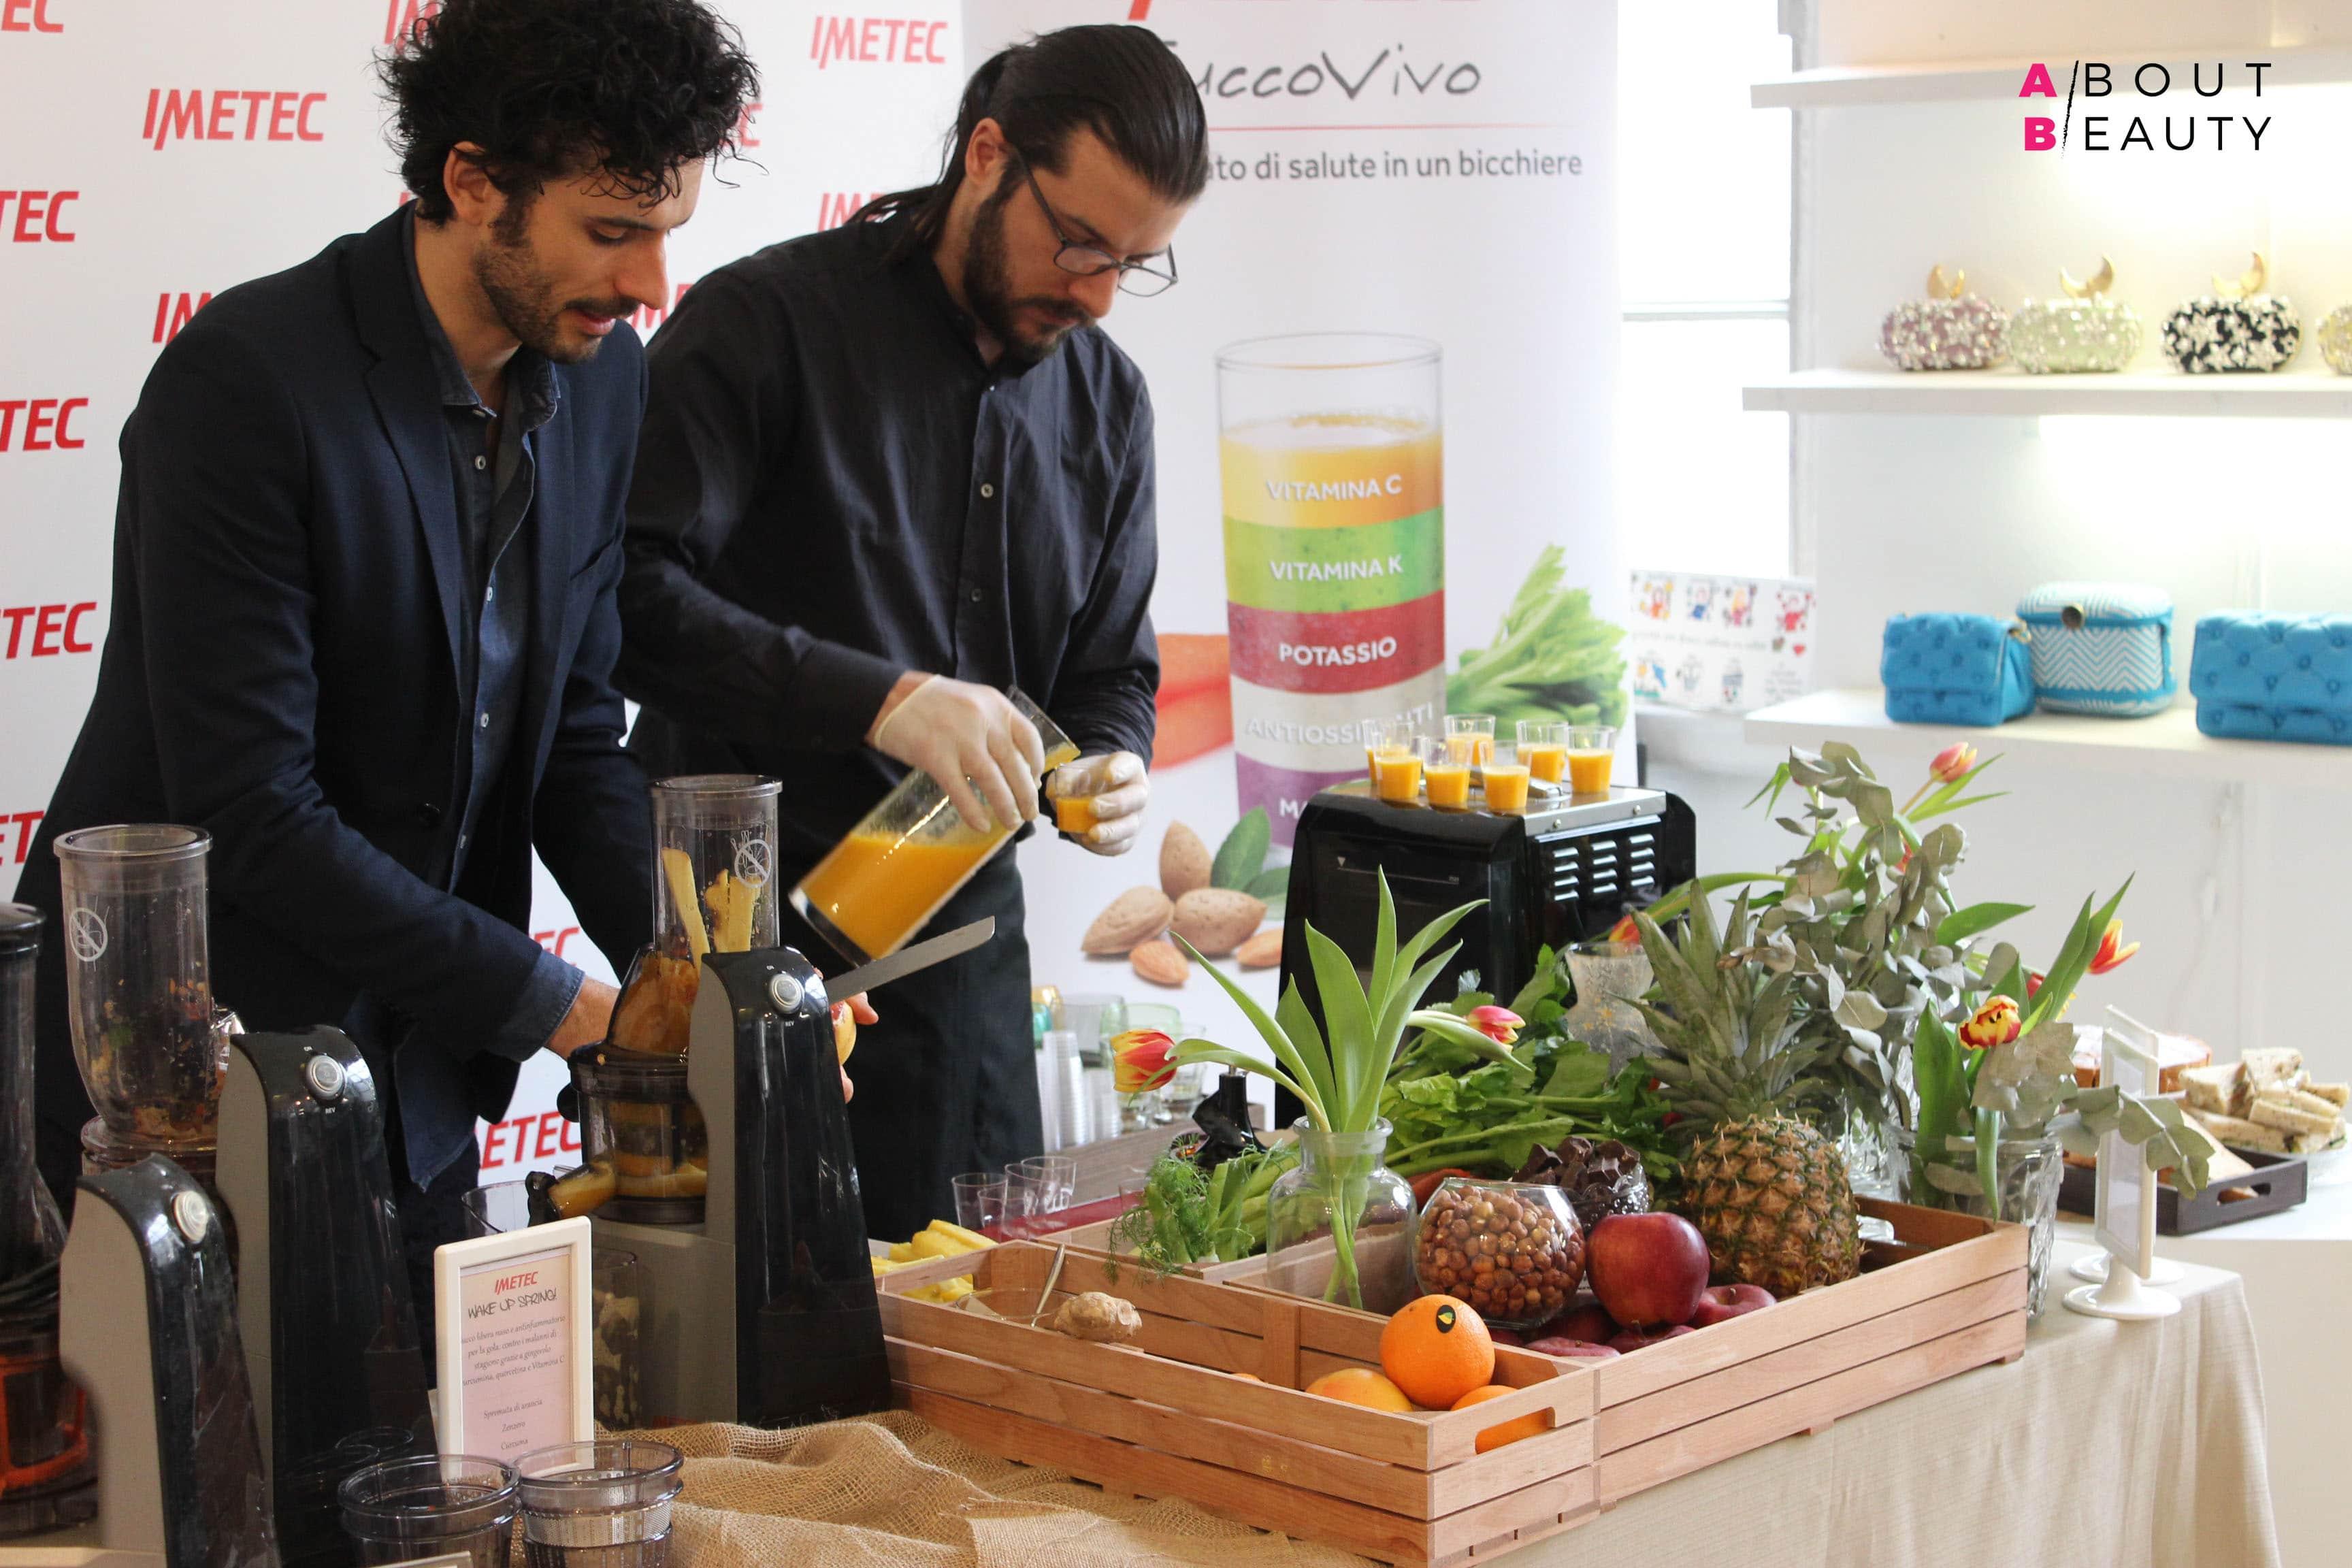 Wake Up Spring, l'evento organizzato da Imetec Succo Vivo in collaborazione con Marco Bianchi